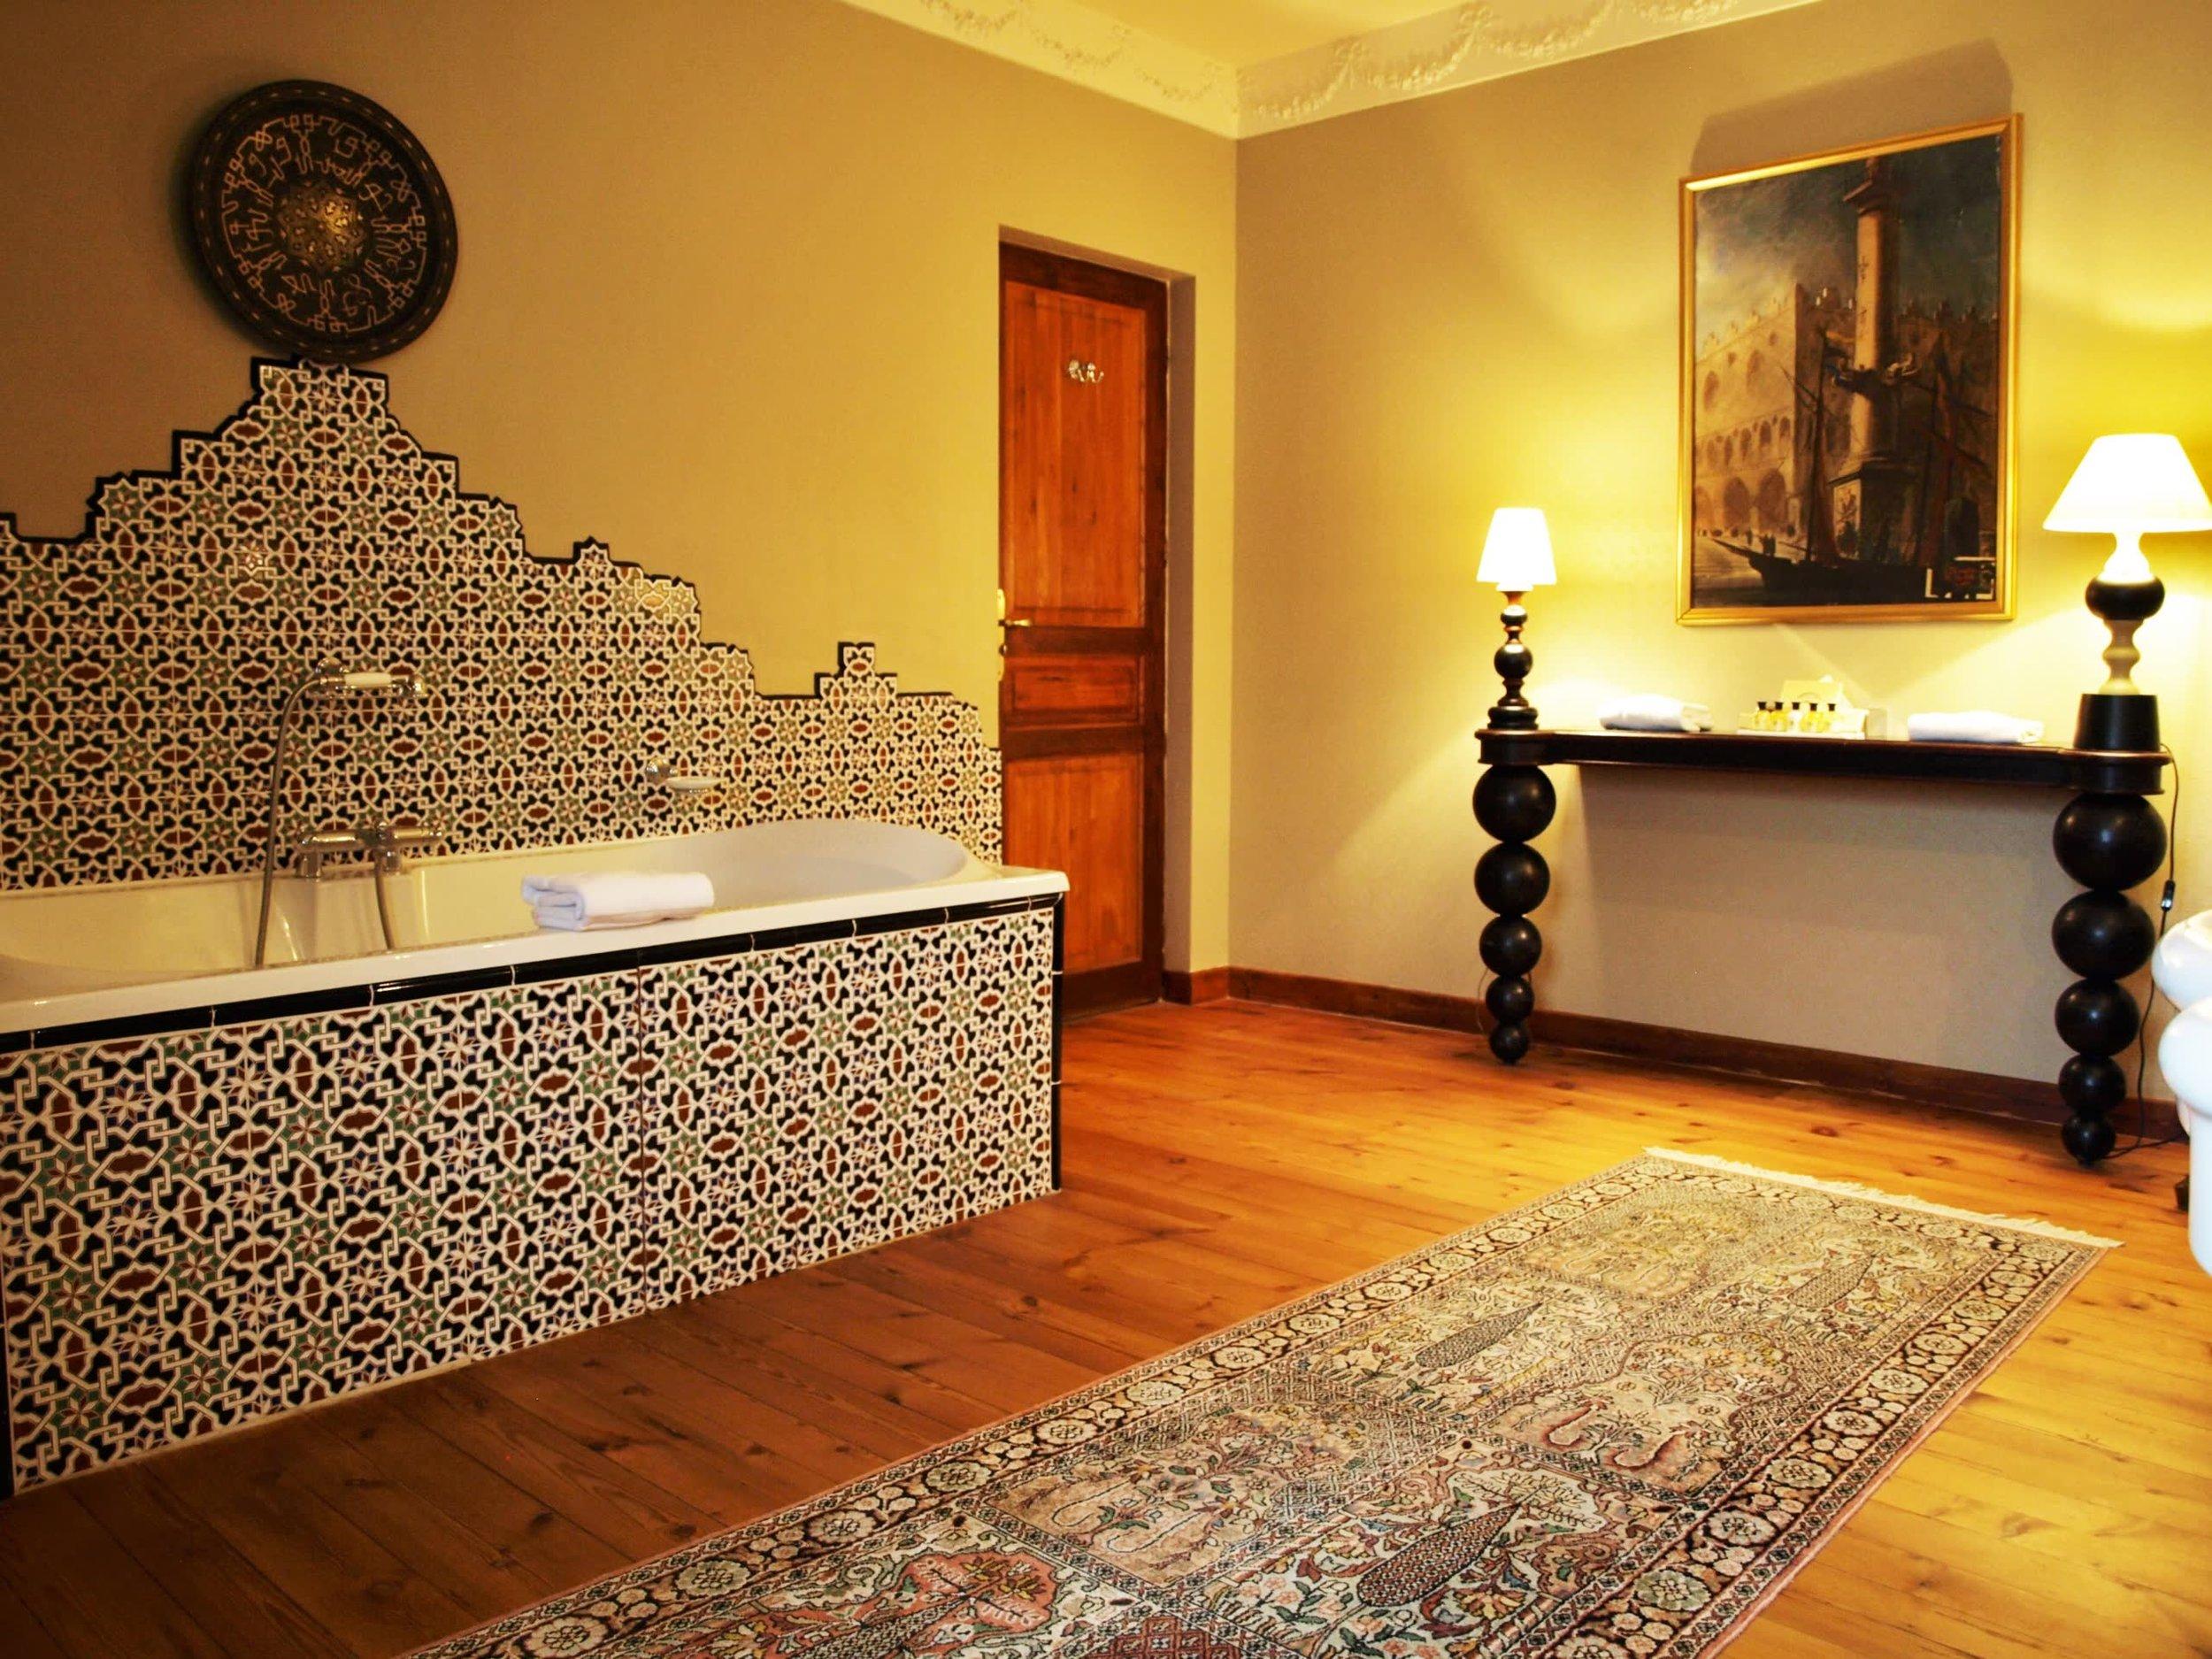 Chateau de la Pommeraye - charming boutique hotel chateau b&b spa normandy calvados bedroom Pensées 6(3).jpg